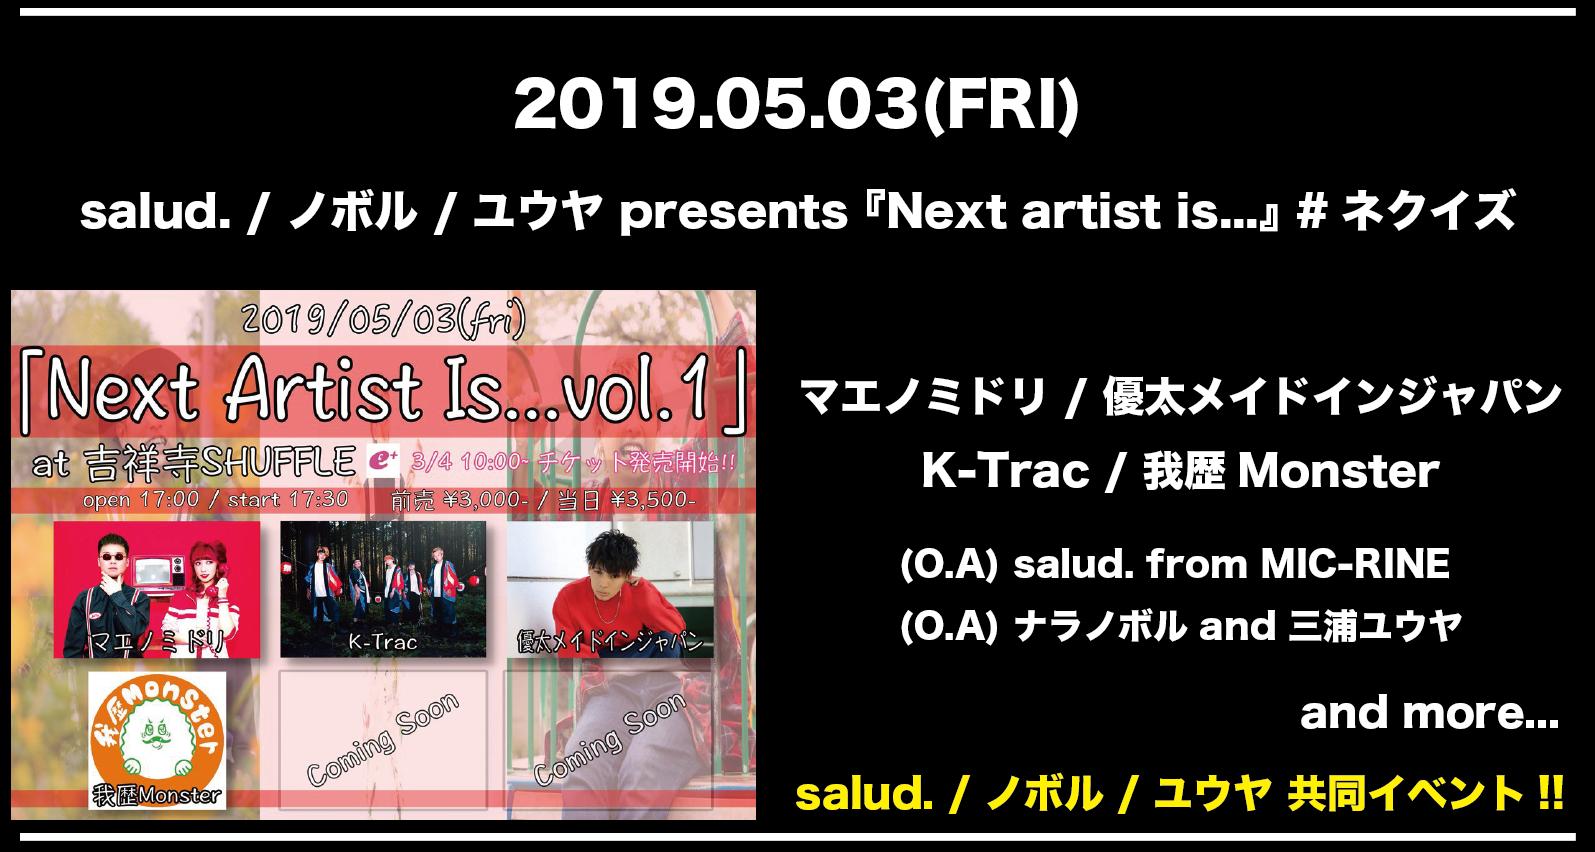 salud. / ノボル / ユウヤ presents 『Next artist is...』 #ネクイズ